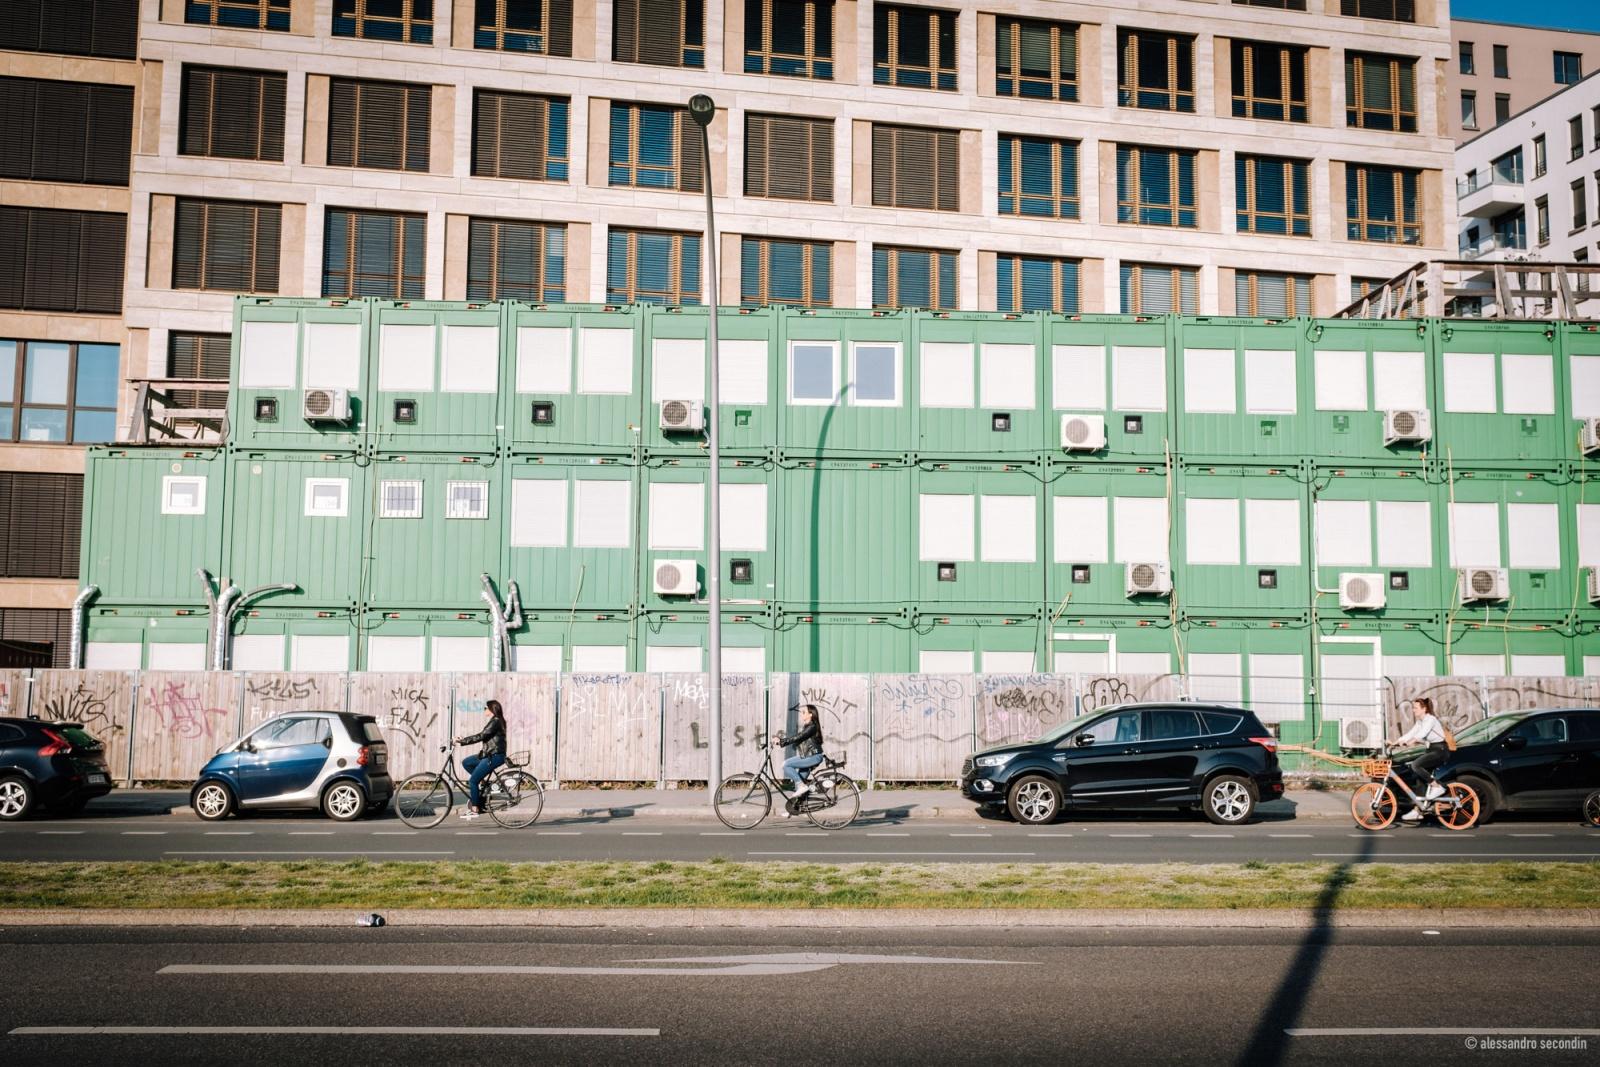 Berlin - People Life